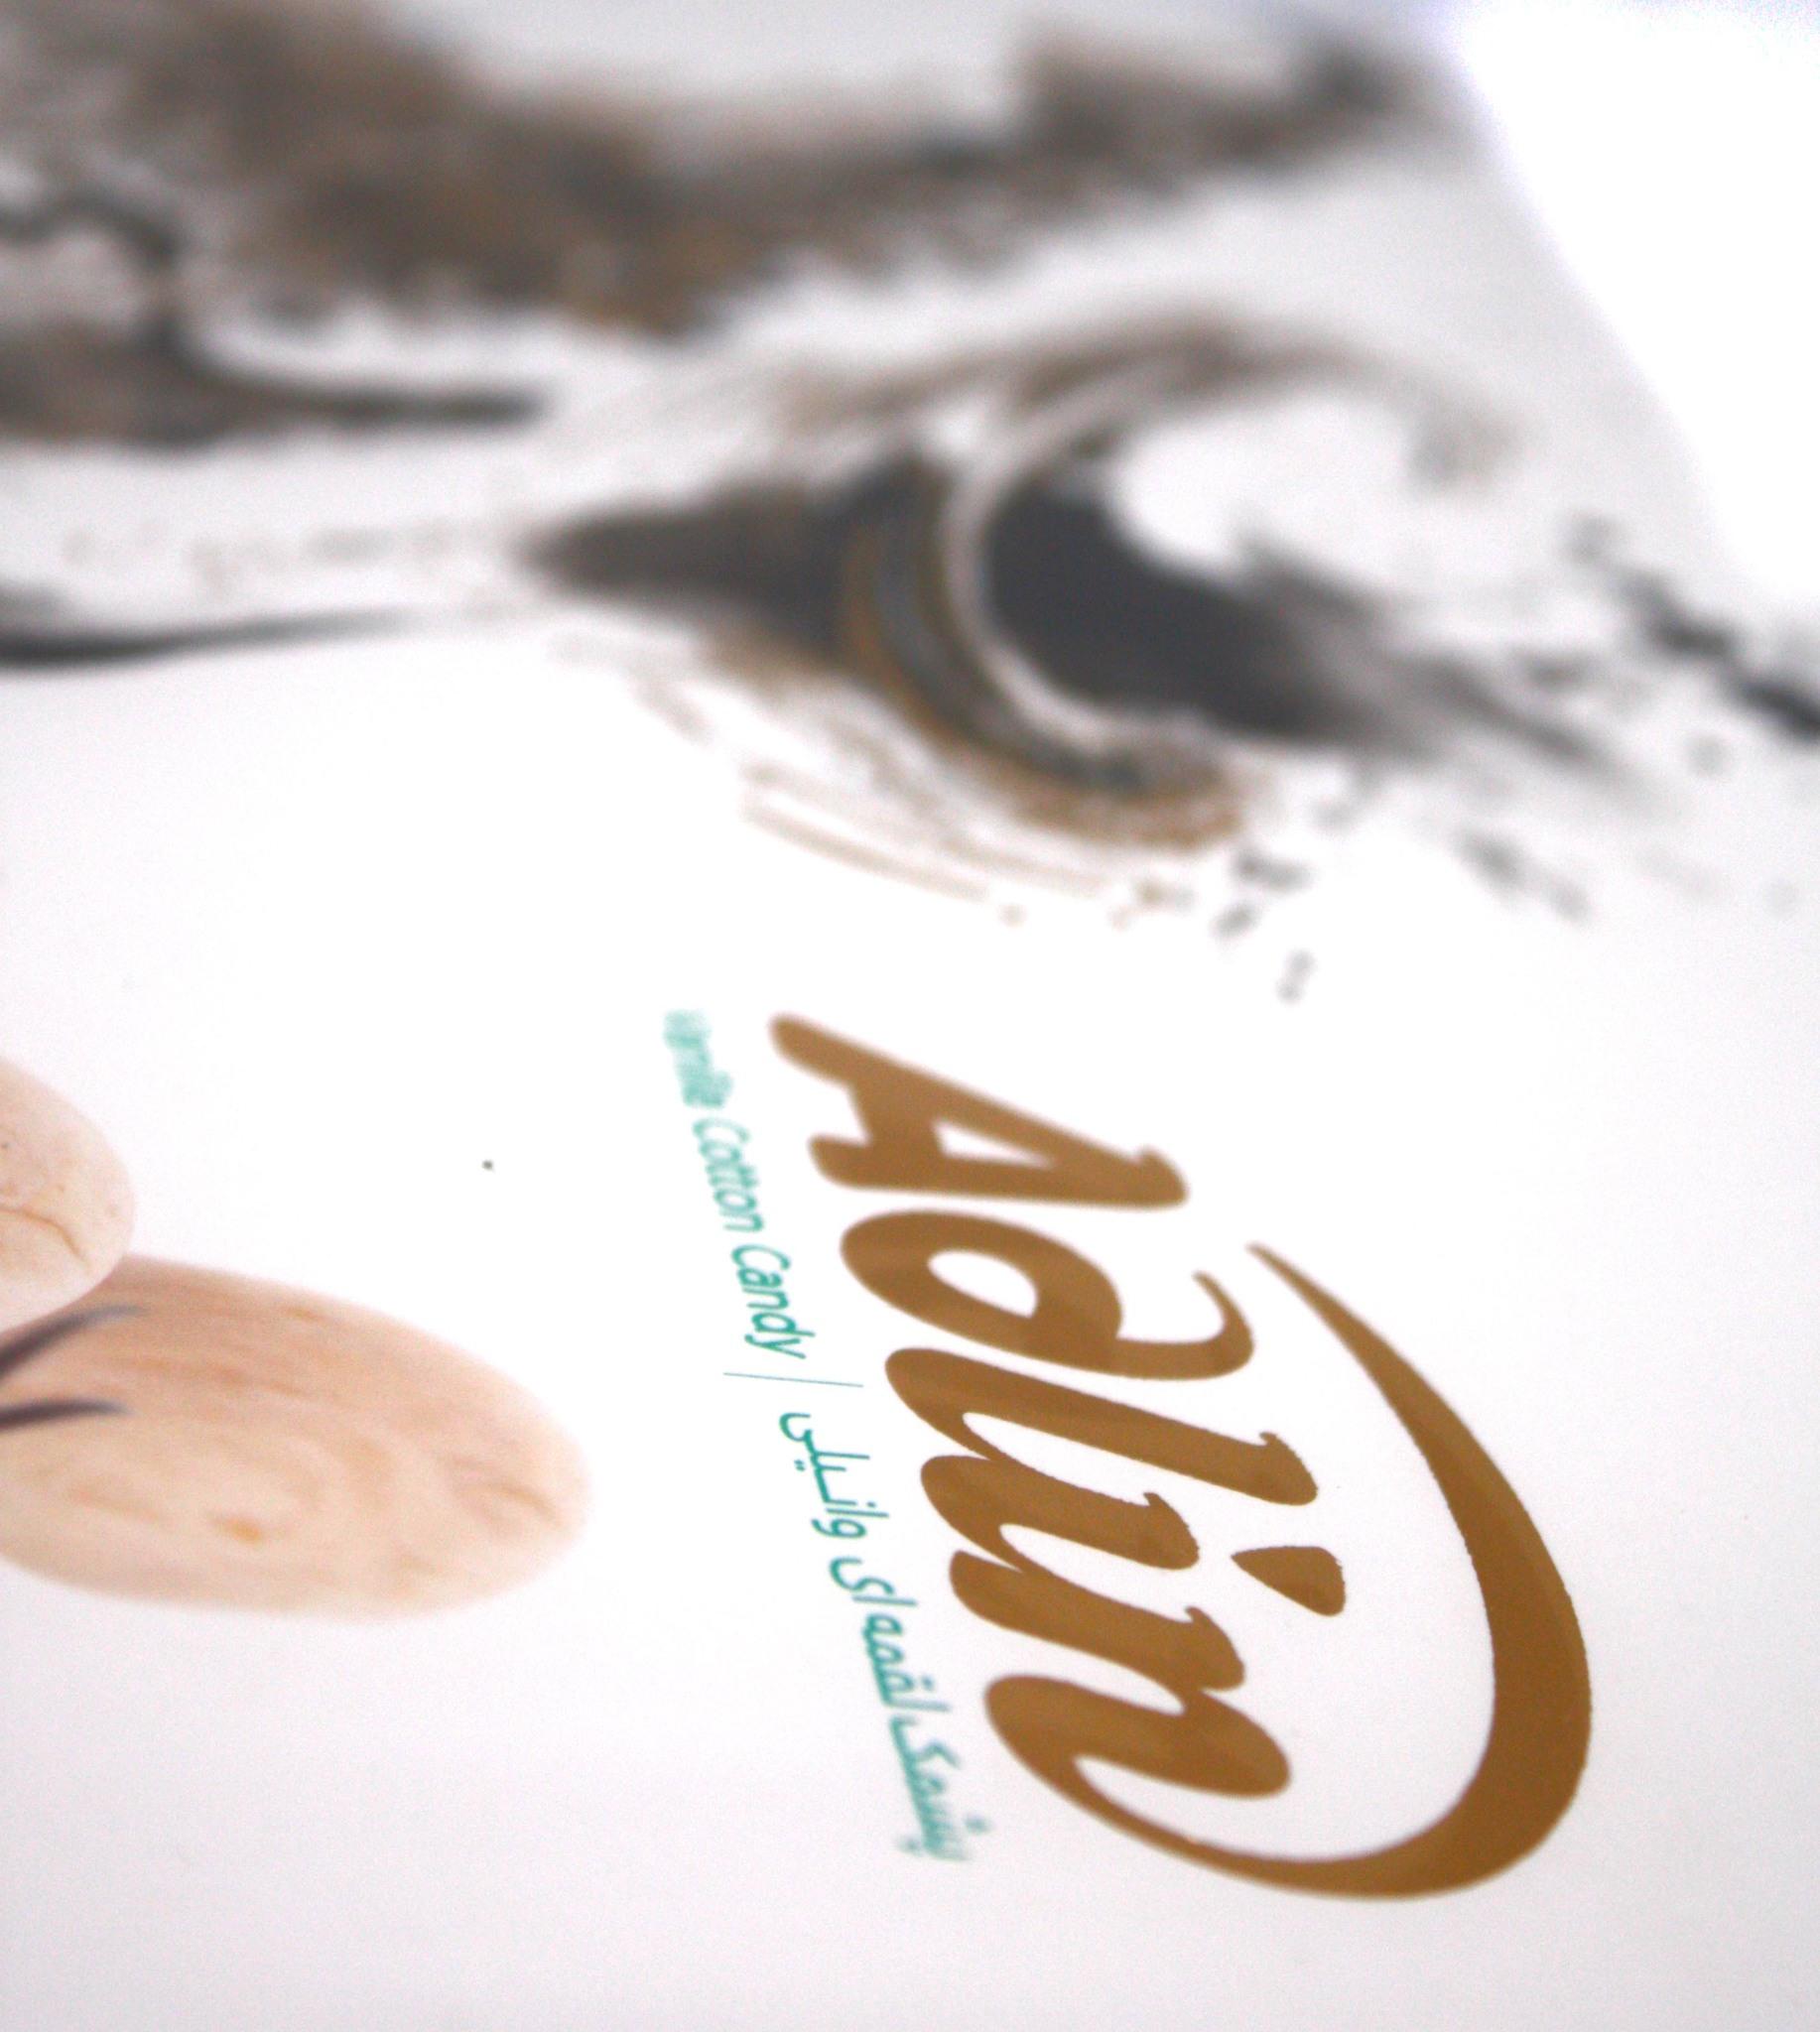 Adlin Царская пишмание со вкусом ванили в подарочной упаковке, Adlin, 350 г import_files_aa_aa4fcf3ac3da11e9a9b3484d7ecee297_aa4fcf3bc3da11e9a9b3484d7ecee297.jpg